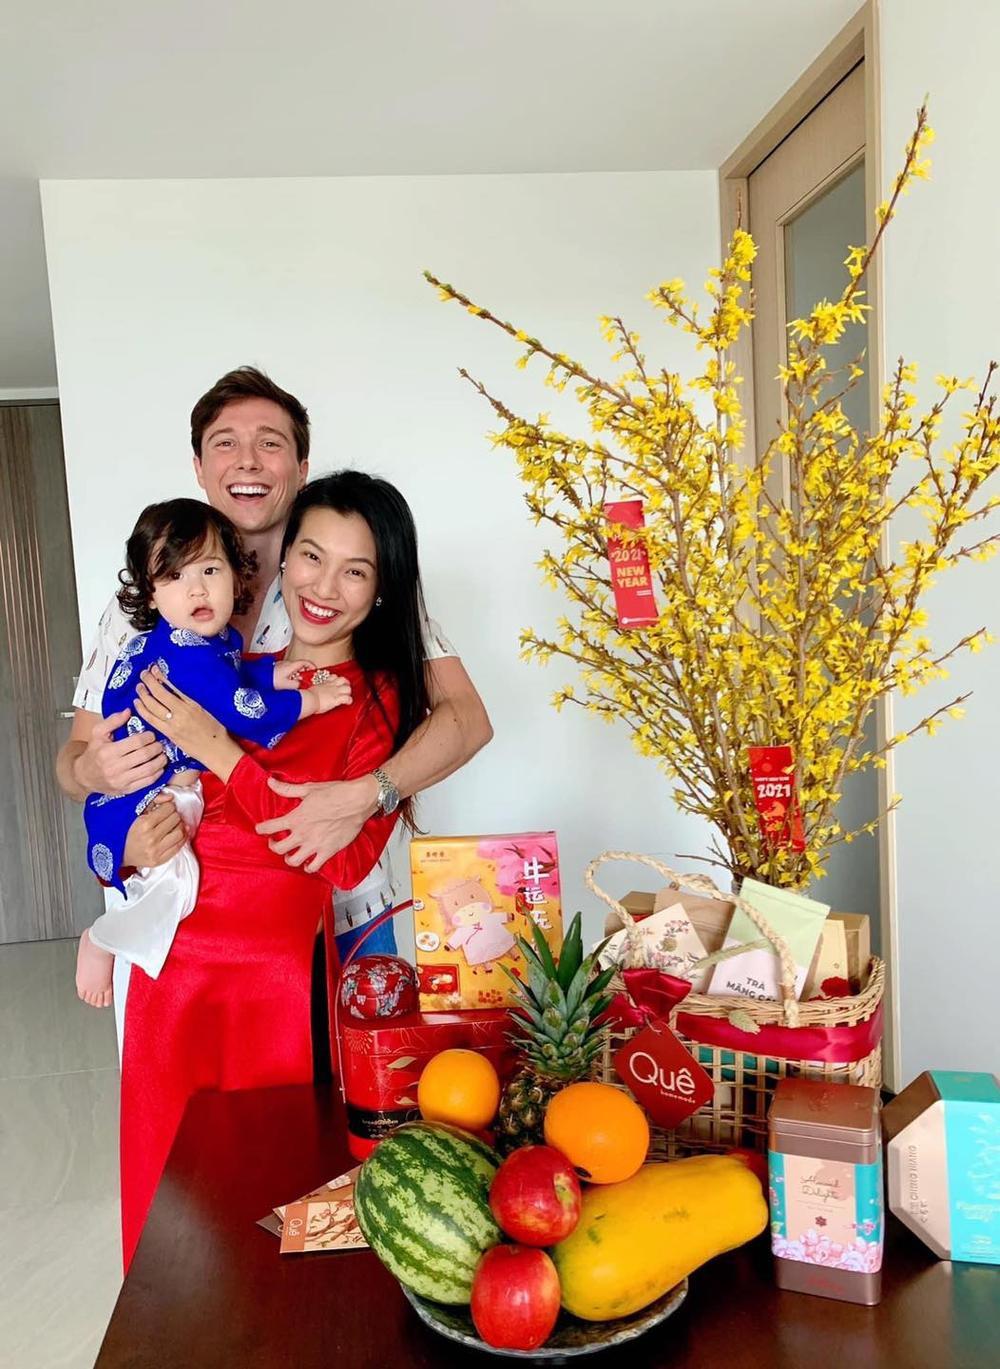 Nhóc tì nhà sao Việt diện áo dài ngày Tết: Cưng nhất hẳn là con gái Đông Nhi Ảnh 8